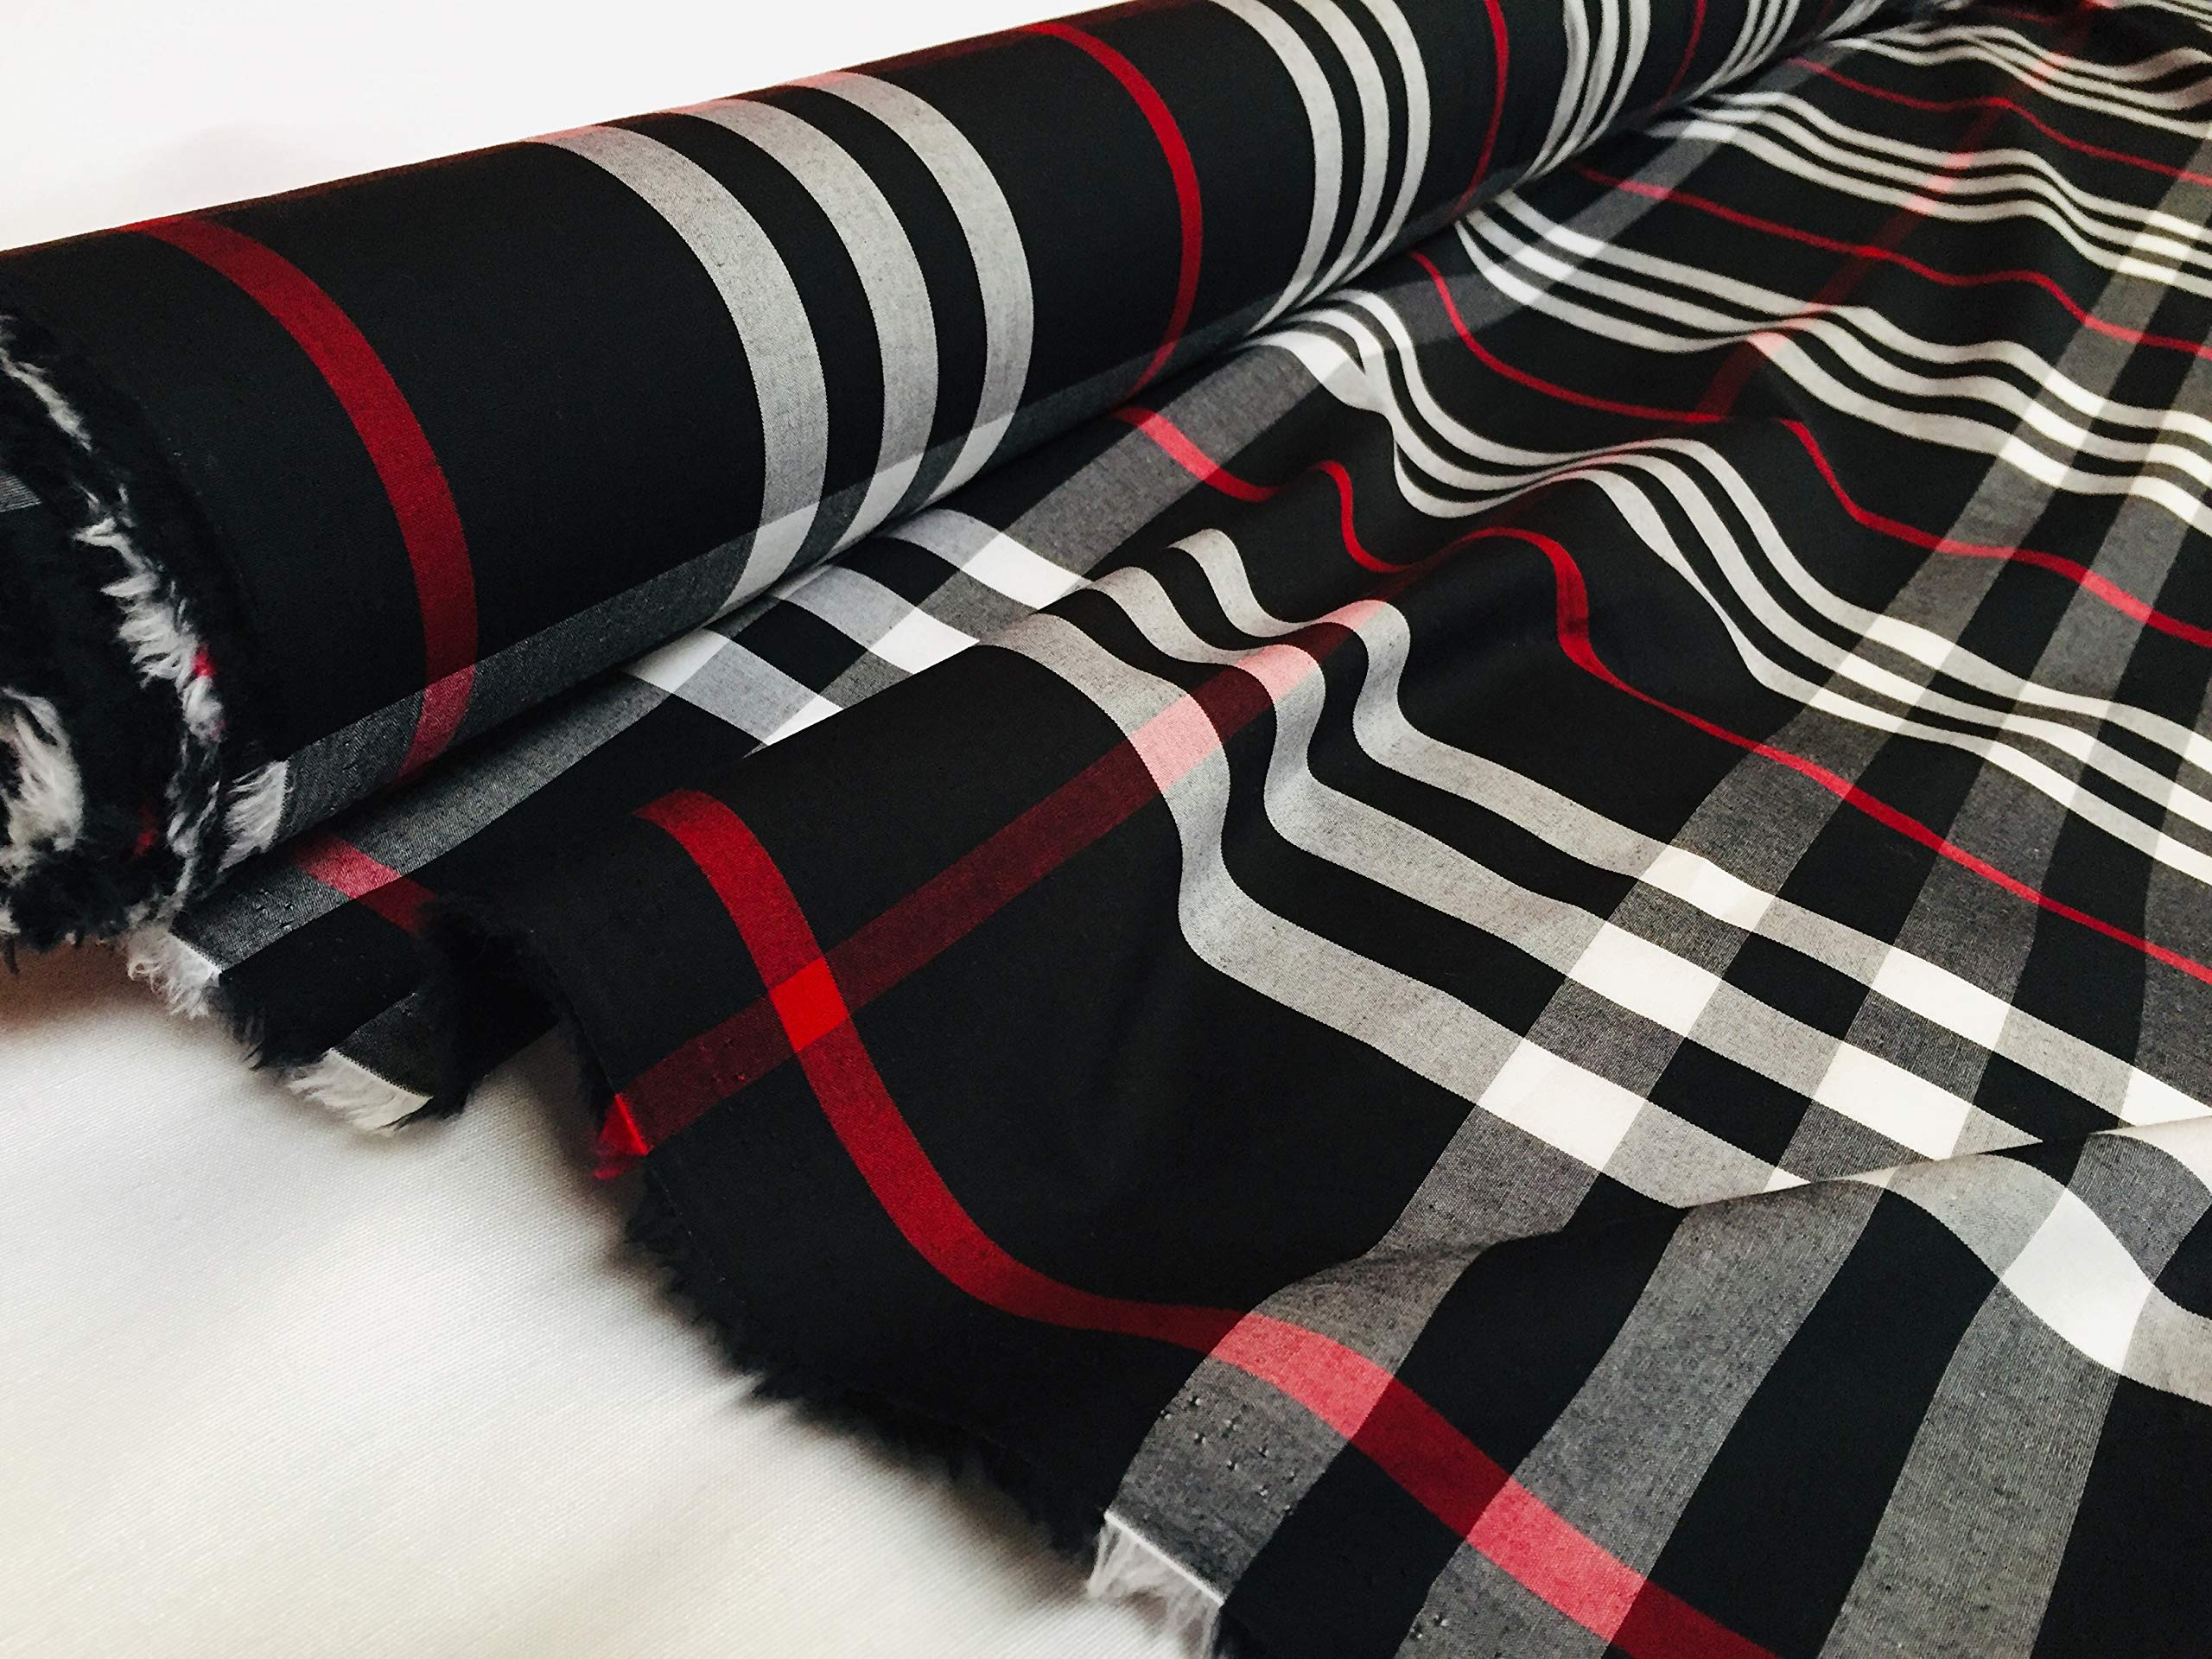 LushFabric Tela para Camisa de tartán a Cuadros, Peso Ligero, de algodón, 145 cm de Ancho (se Vende por Metros): Amazon.es: Hogar